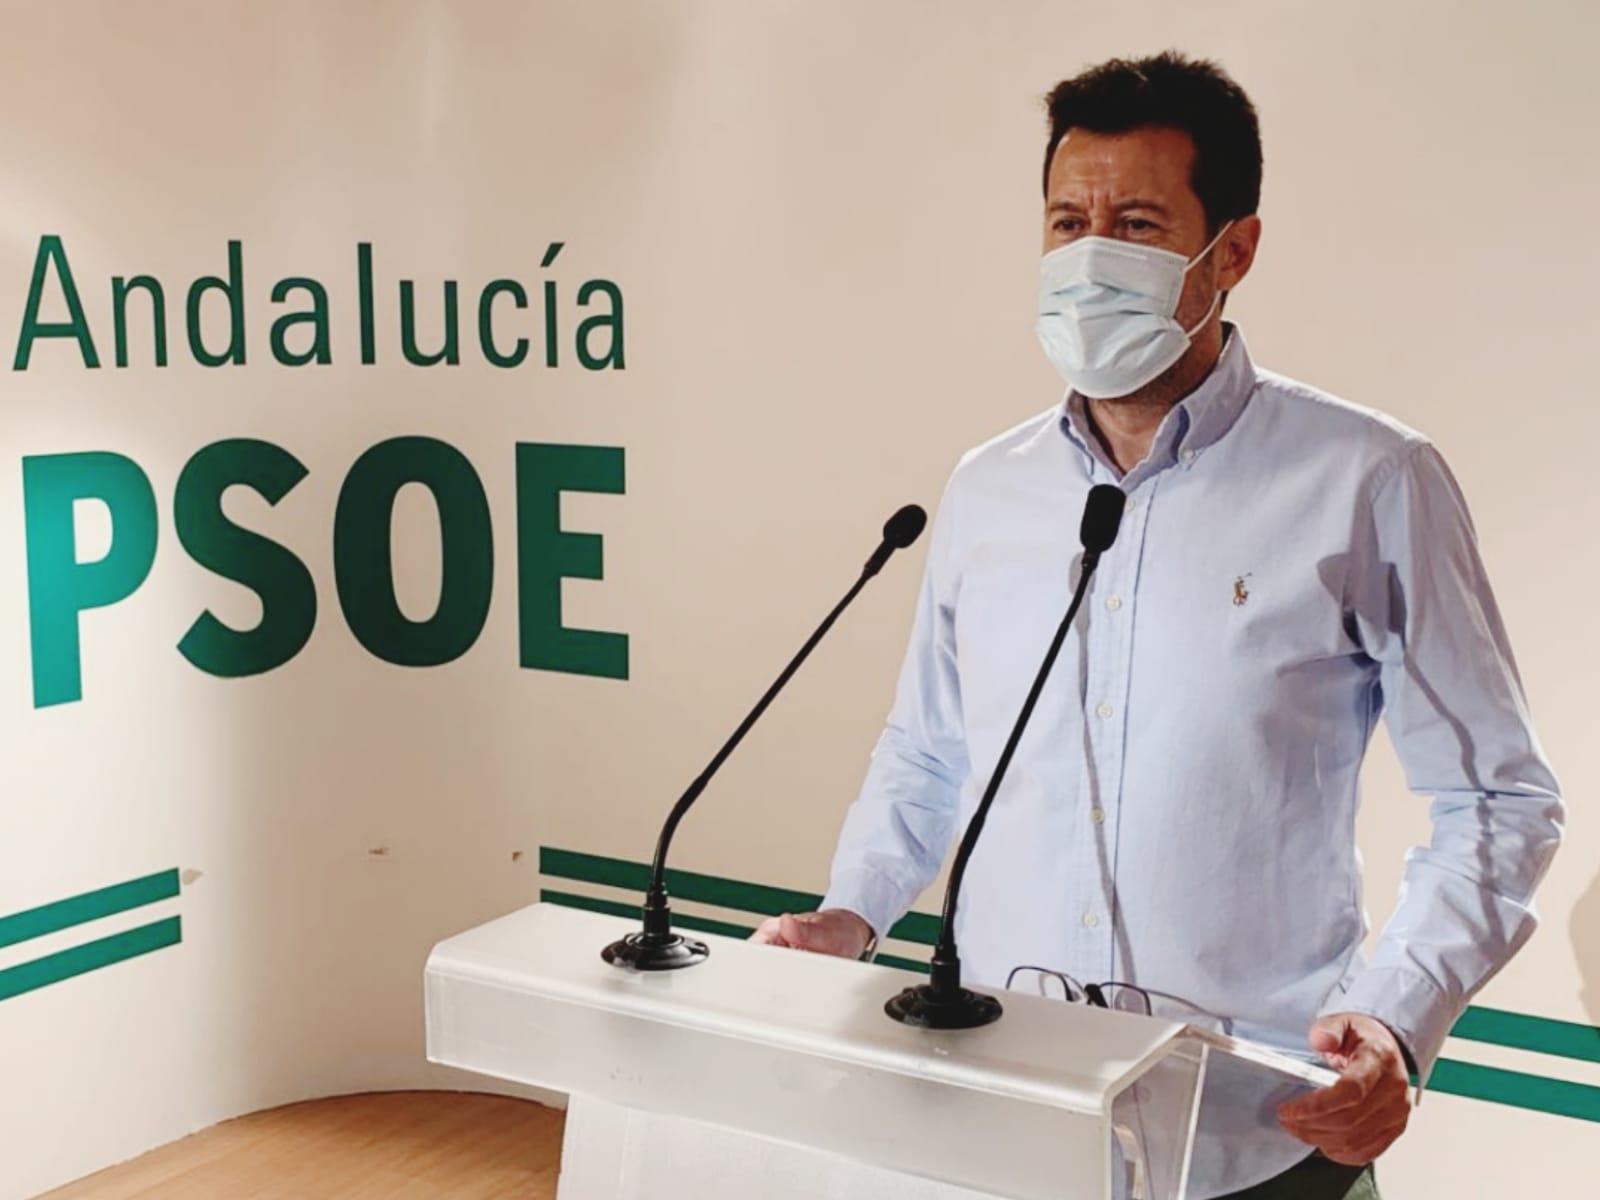 El PSOE anuncia que el comercio de la provincia dispondrá de ayudas para impulsar la actividad en zonas rurales y áreas turísticas